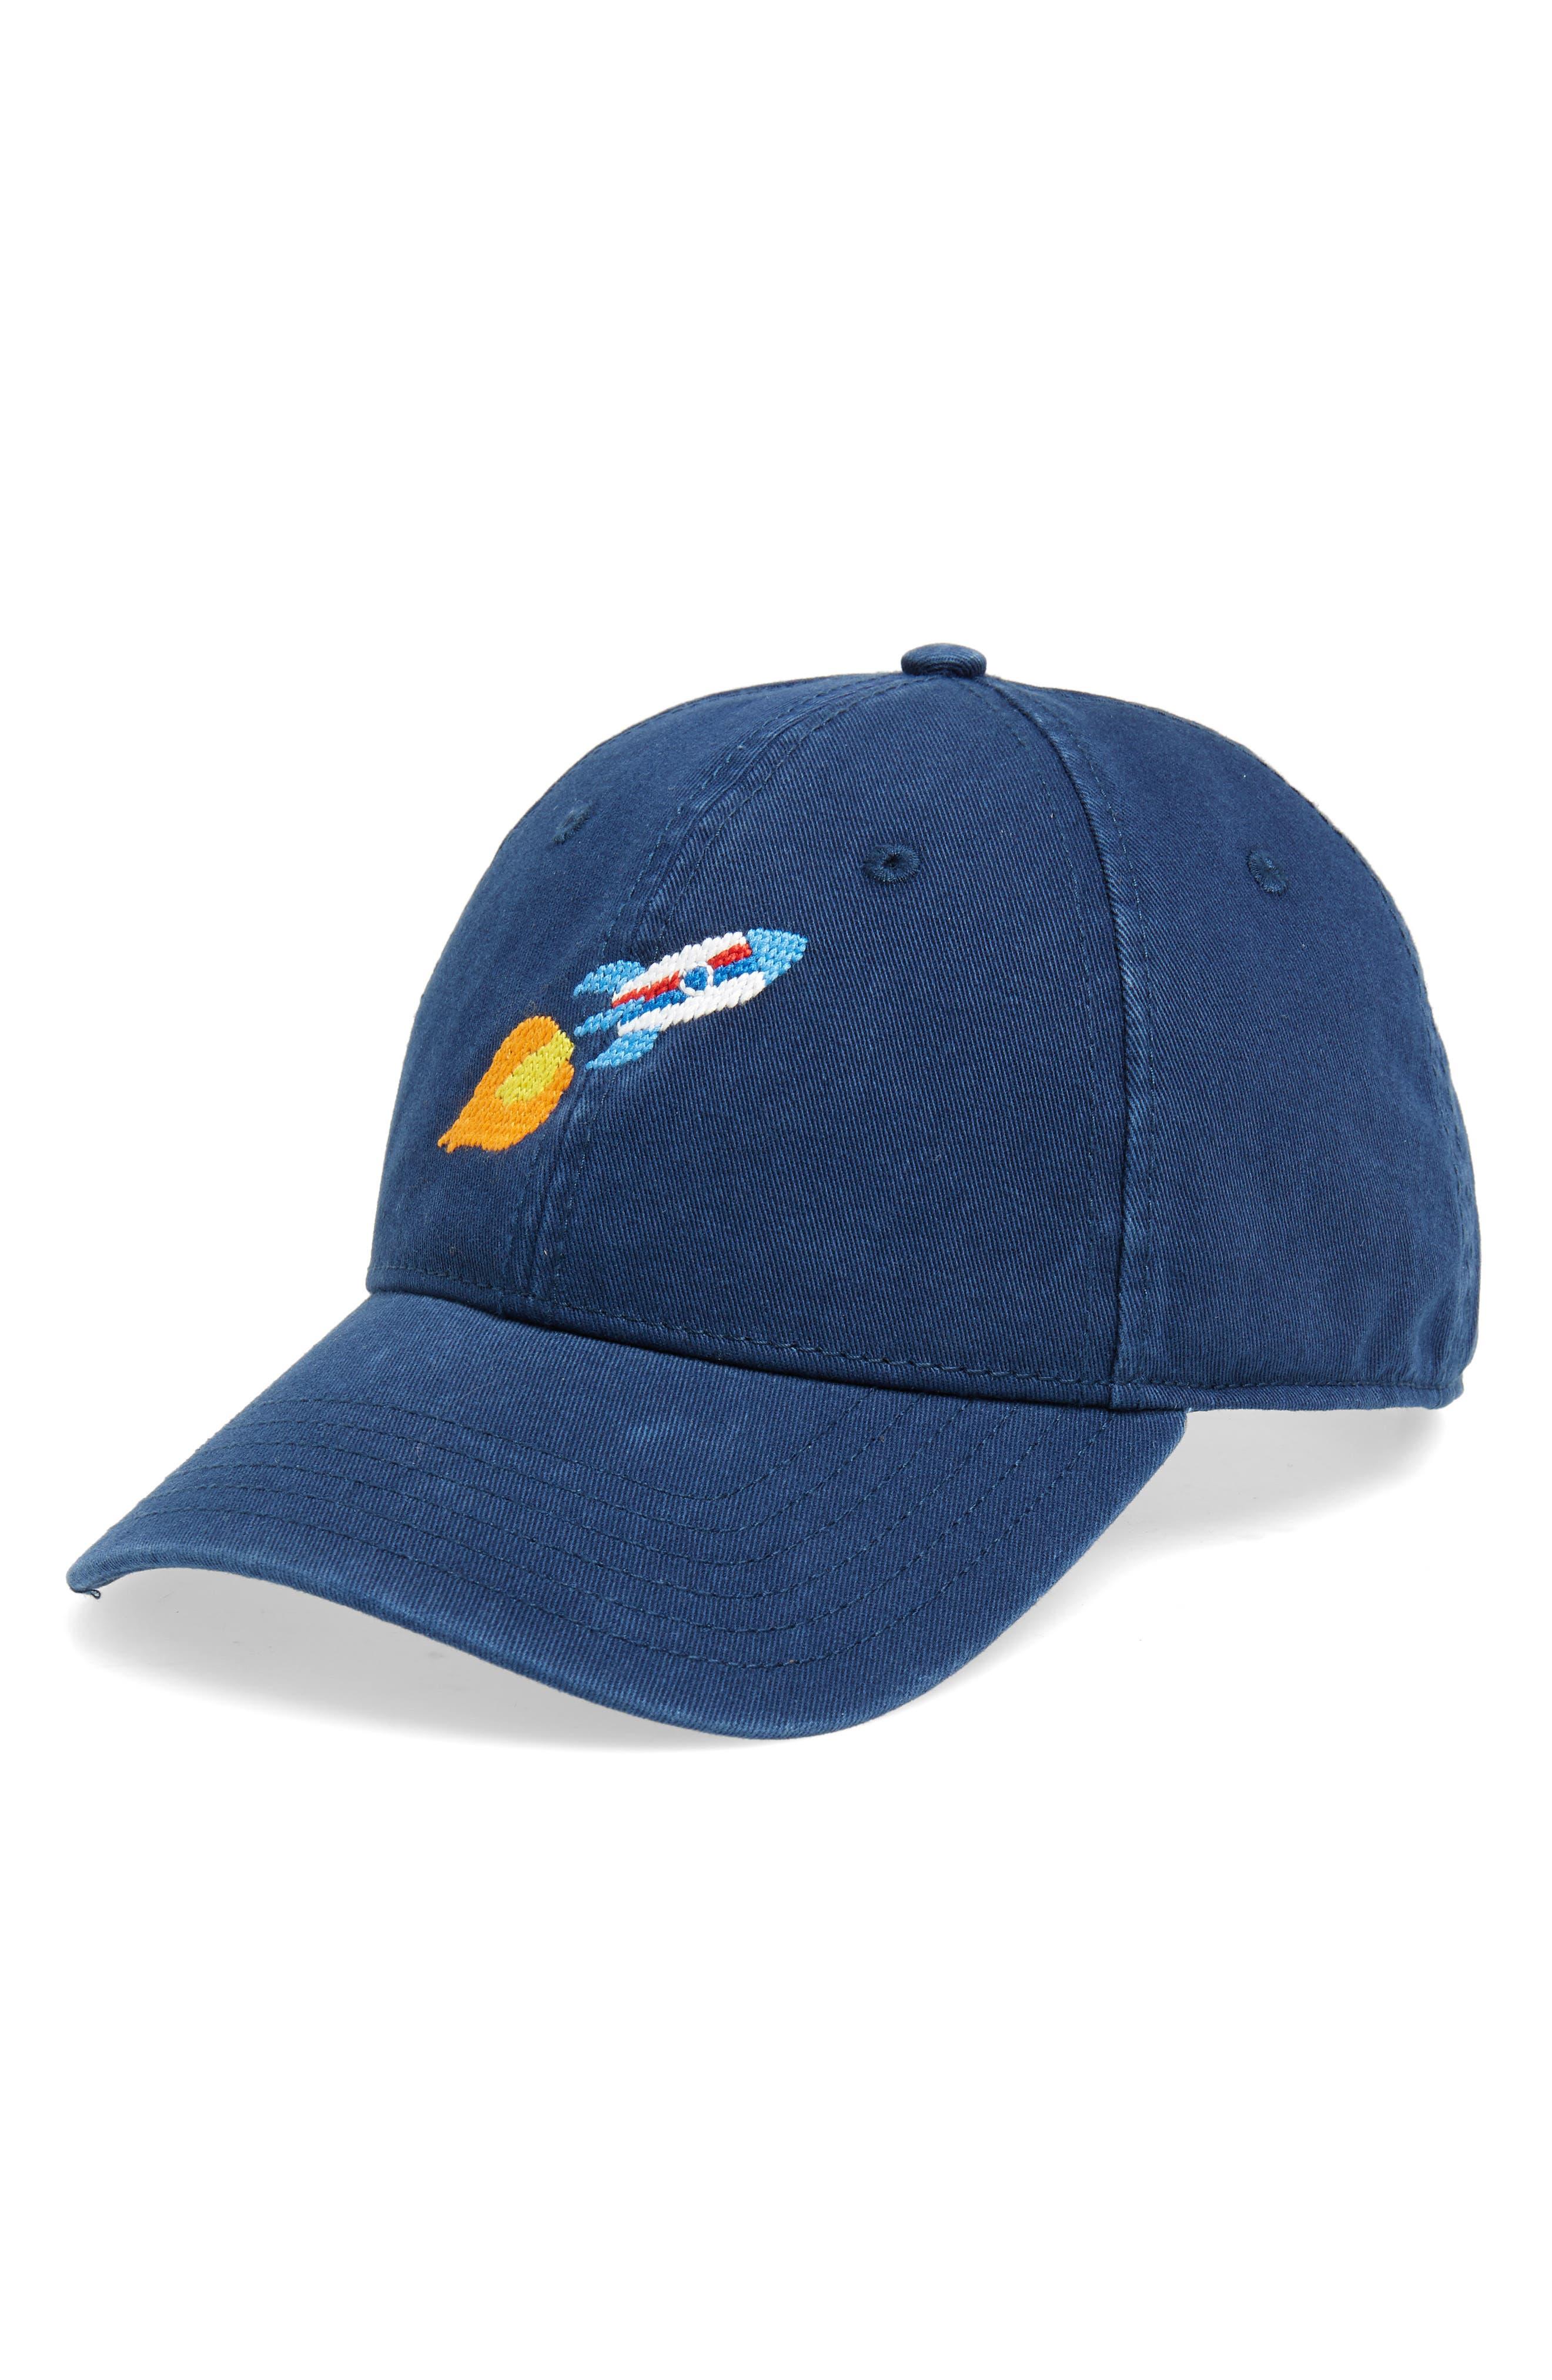 Rocket Baseball Cap,                             Main thumbnail 1, color,                             NAVY